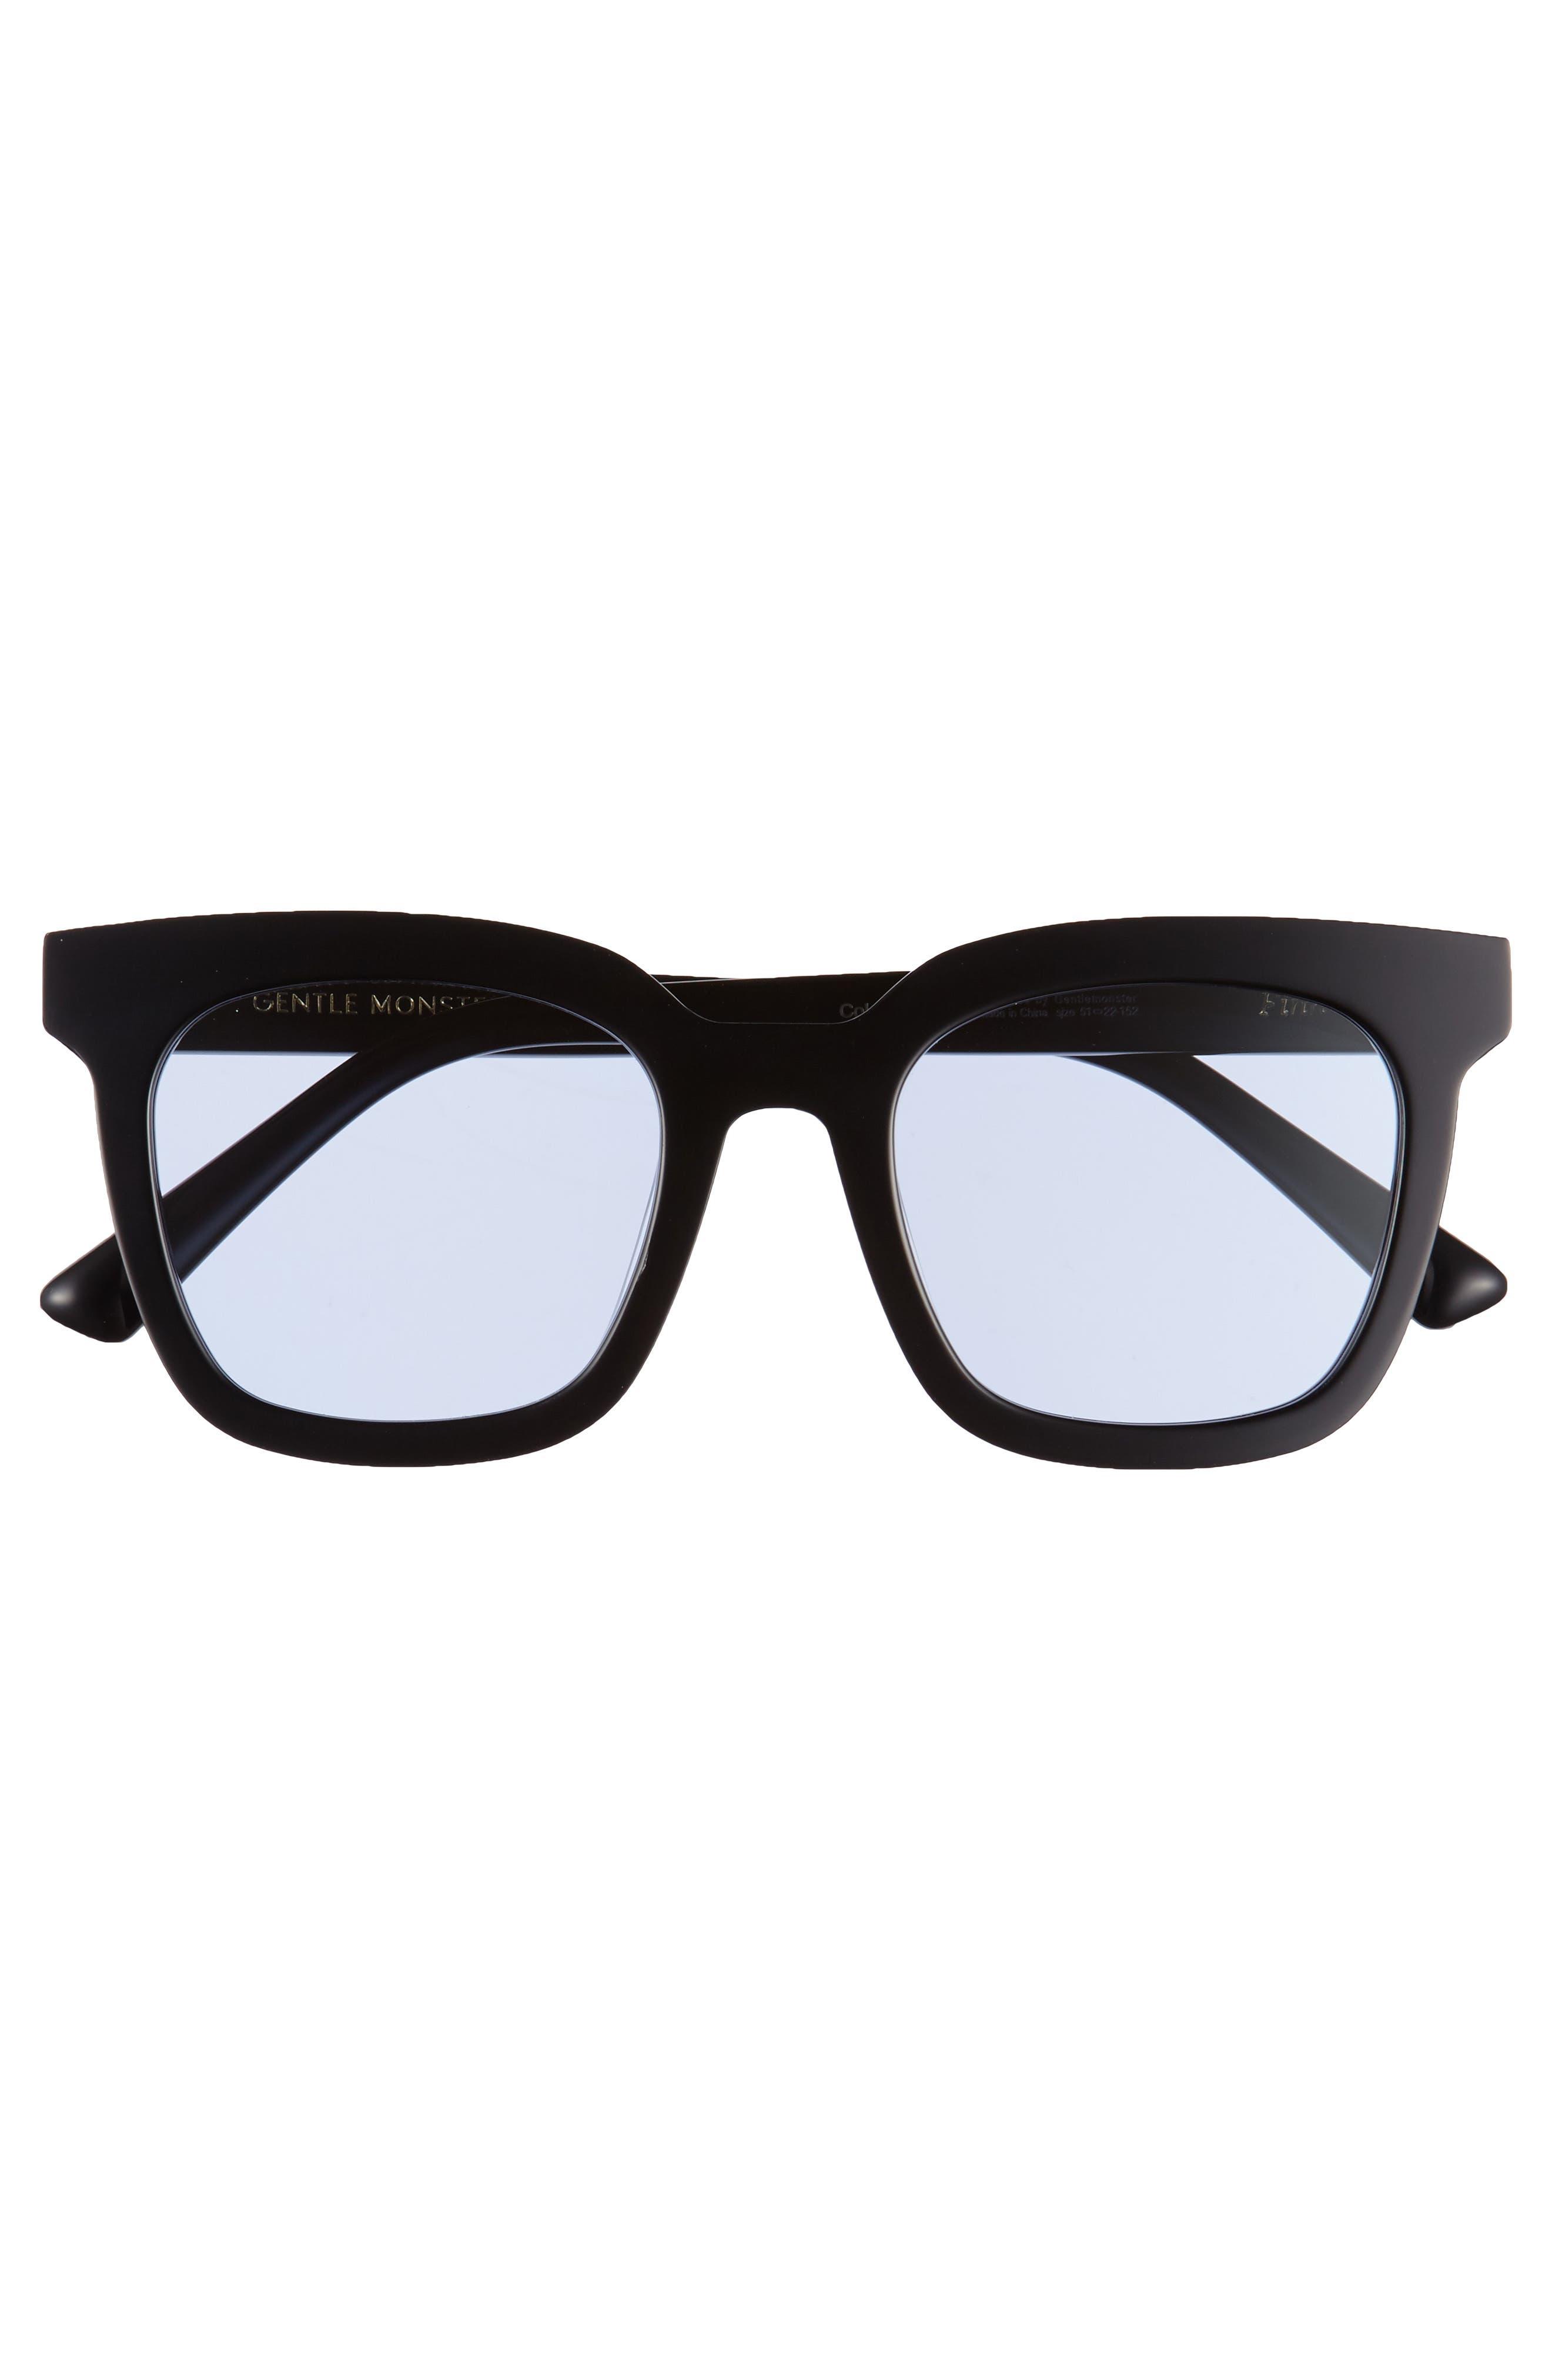 Finn 51mm Sunglasses,                             Alternate thumbnail 3, color,                             Black/ Blue